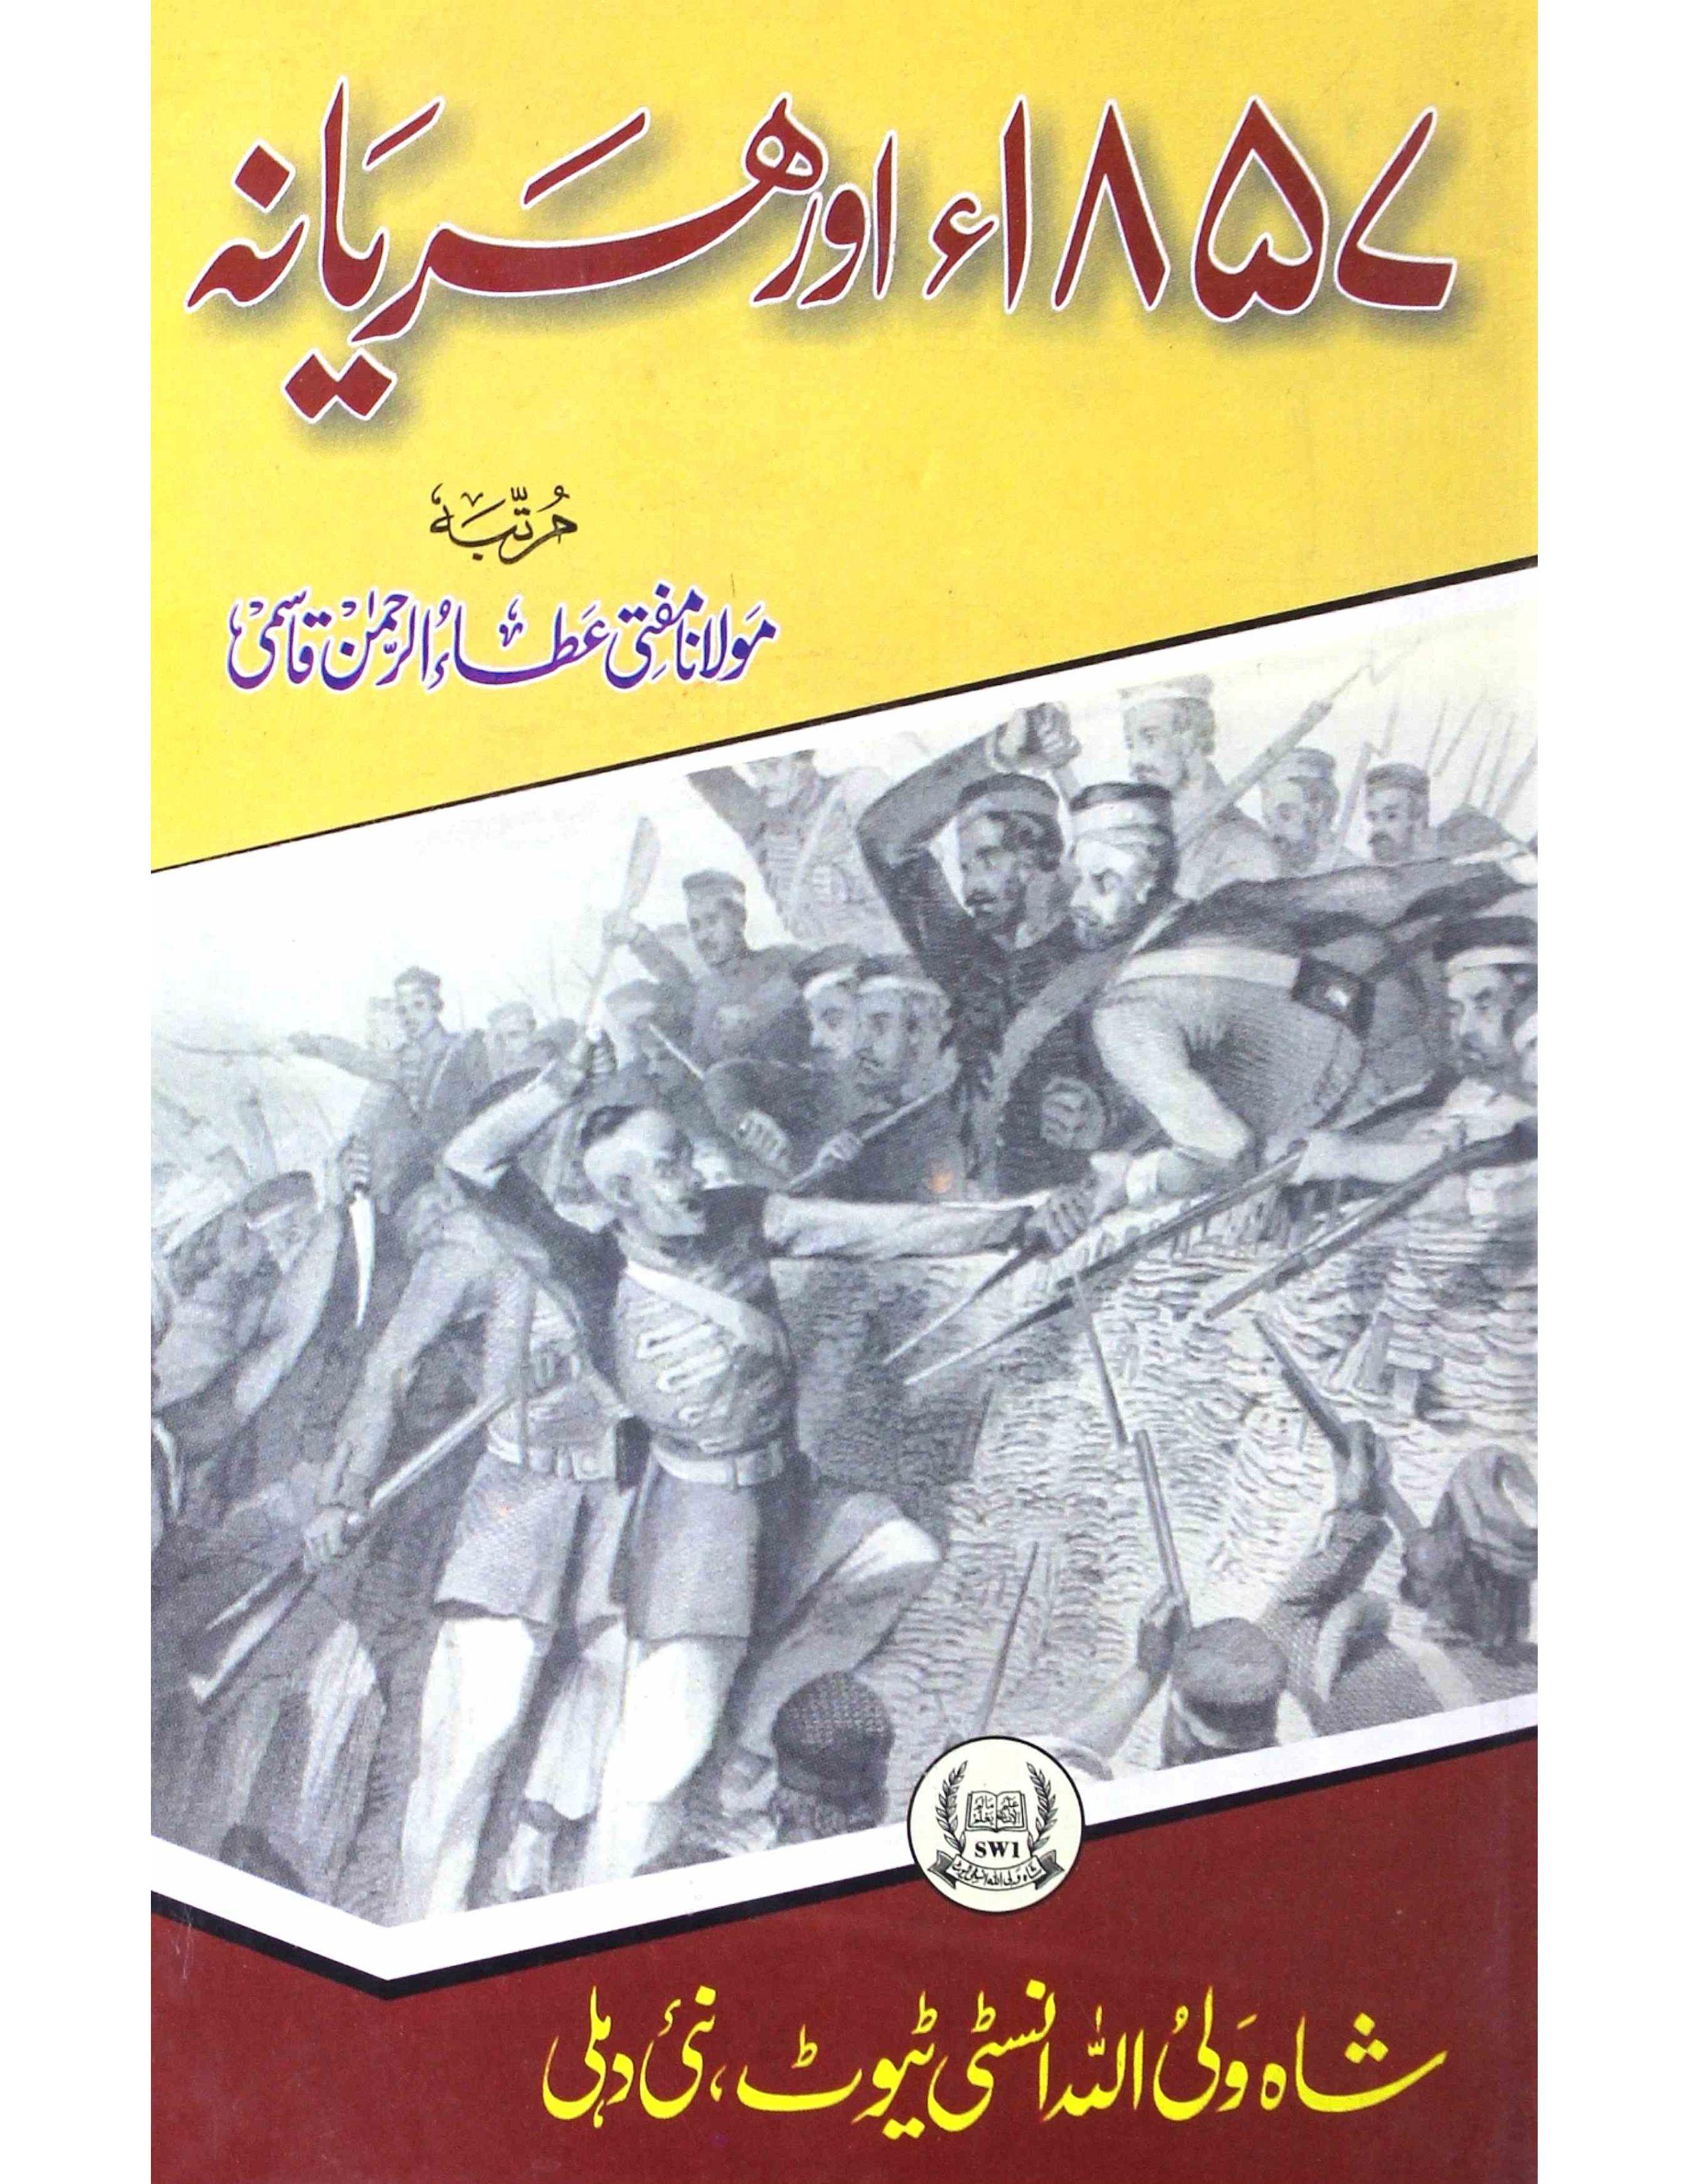 1857 Aur Haryana